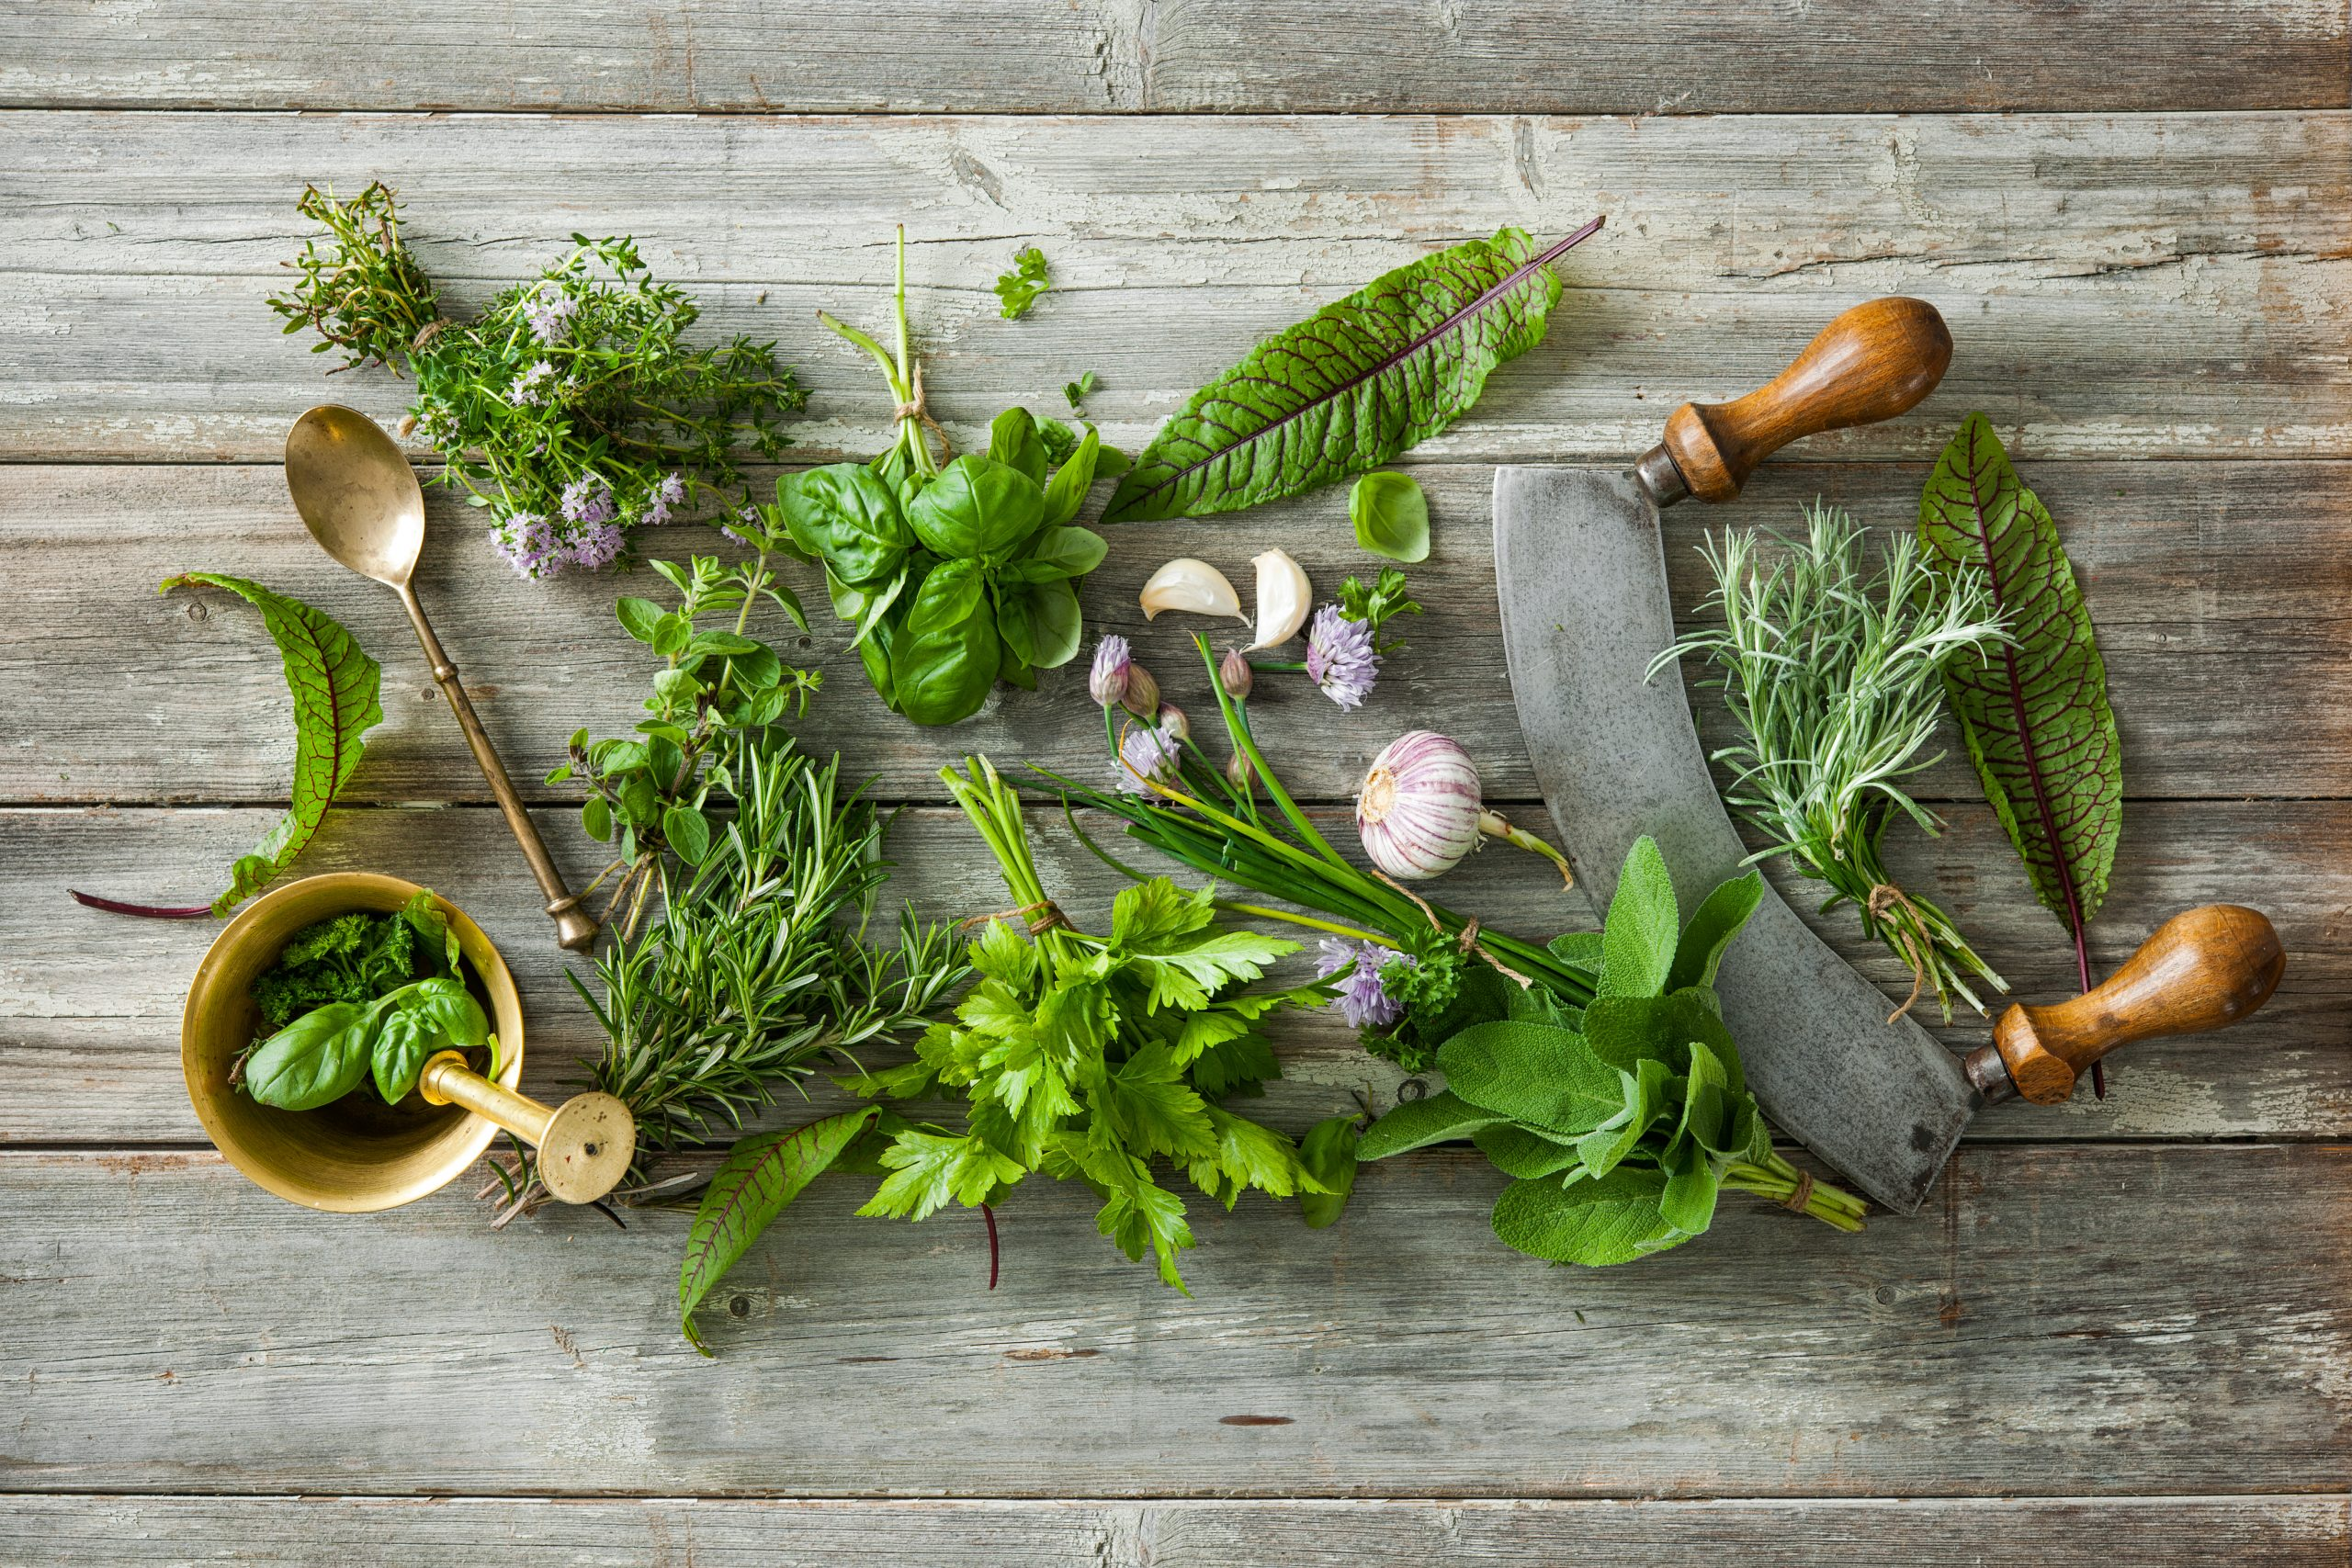 Fines herbes: comment les conserver et bien les utiliser?